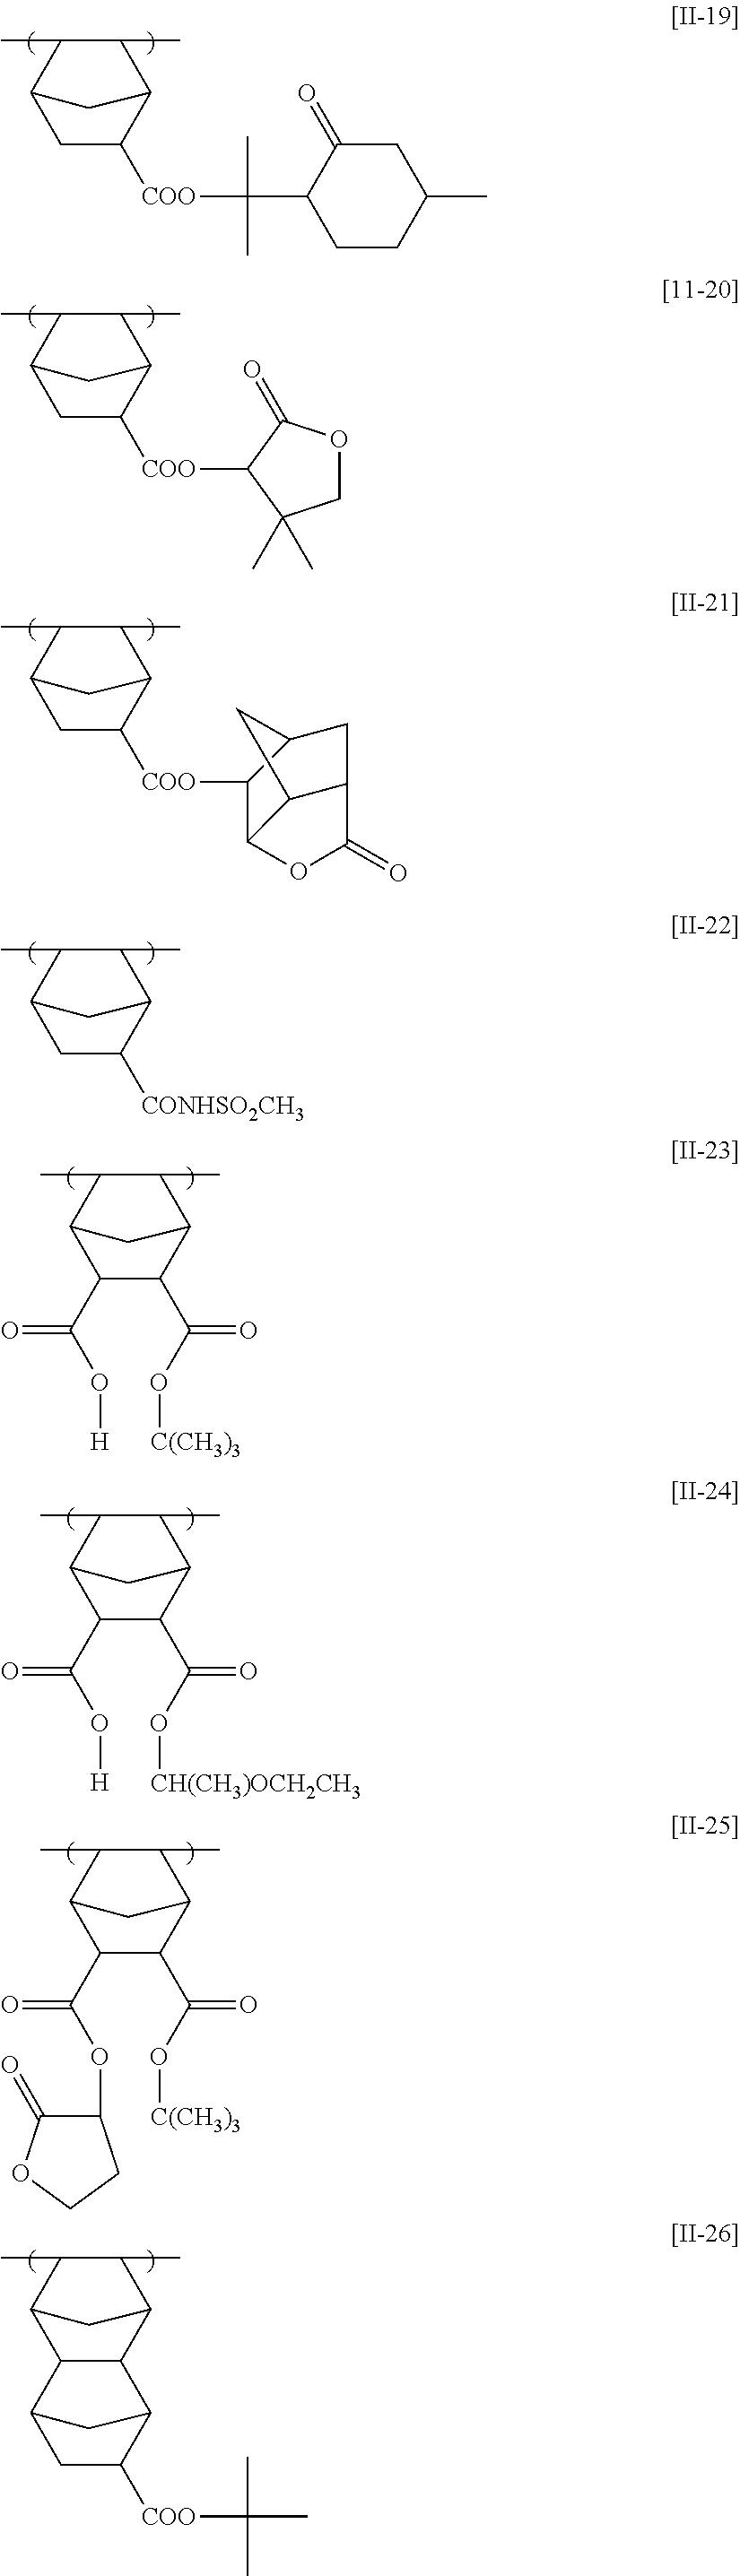 Figure US08017298-20110913-C00017